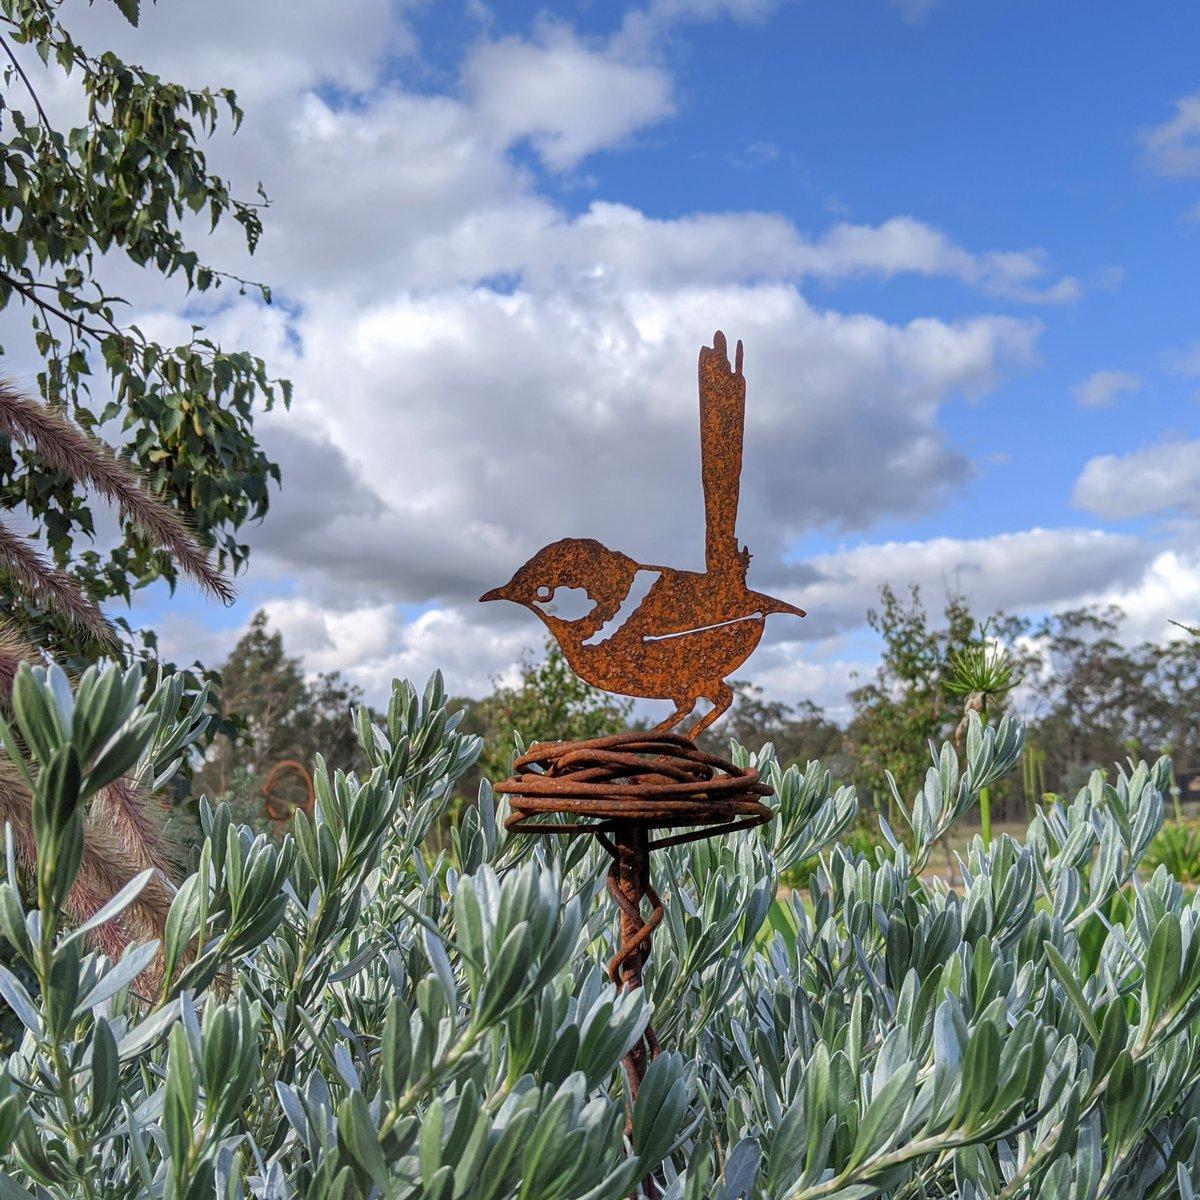 Wren in nest